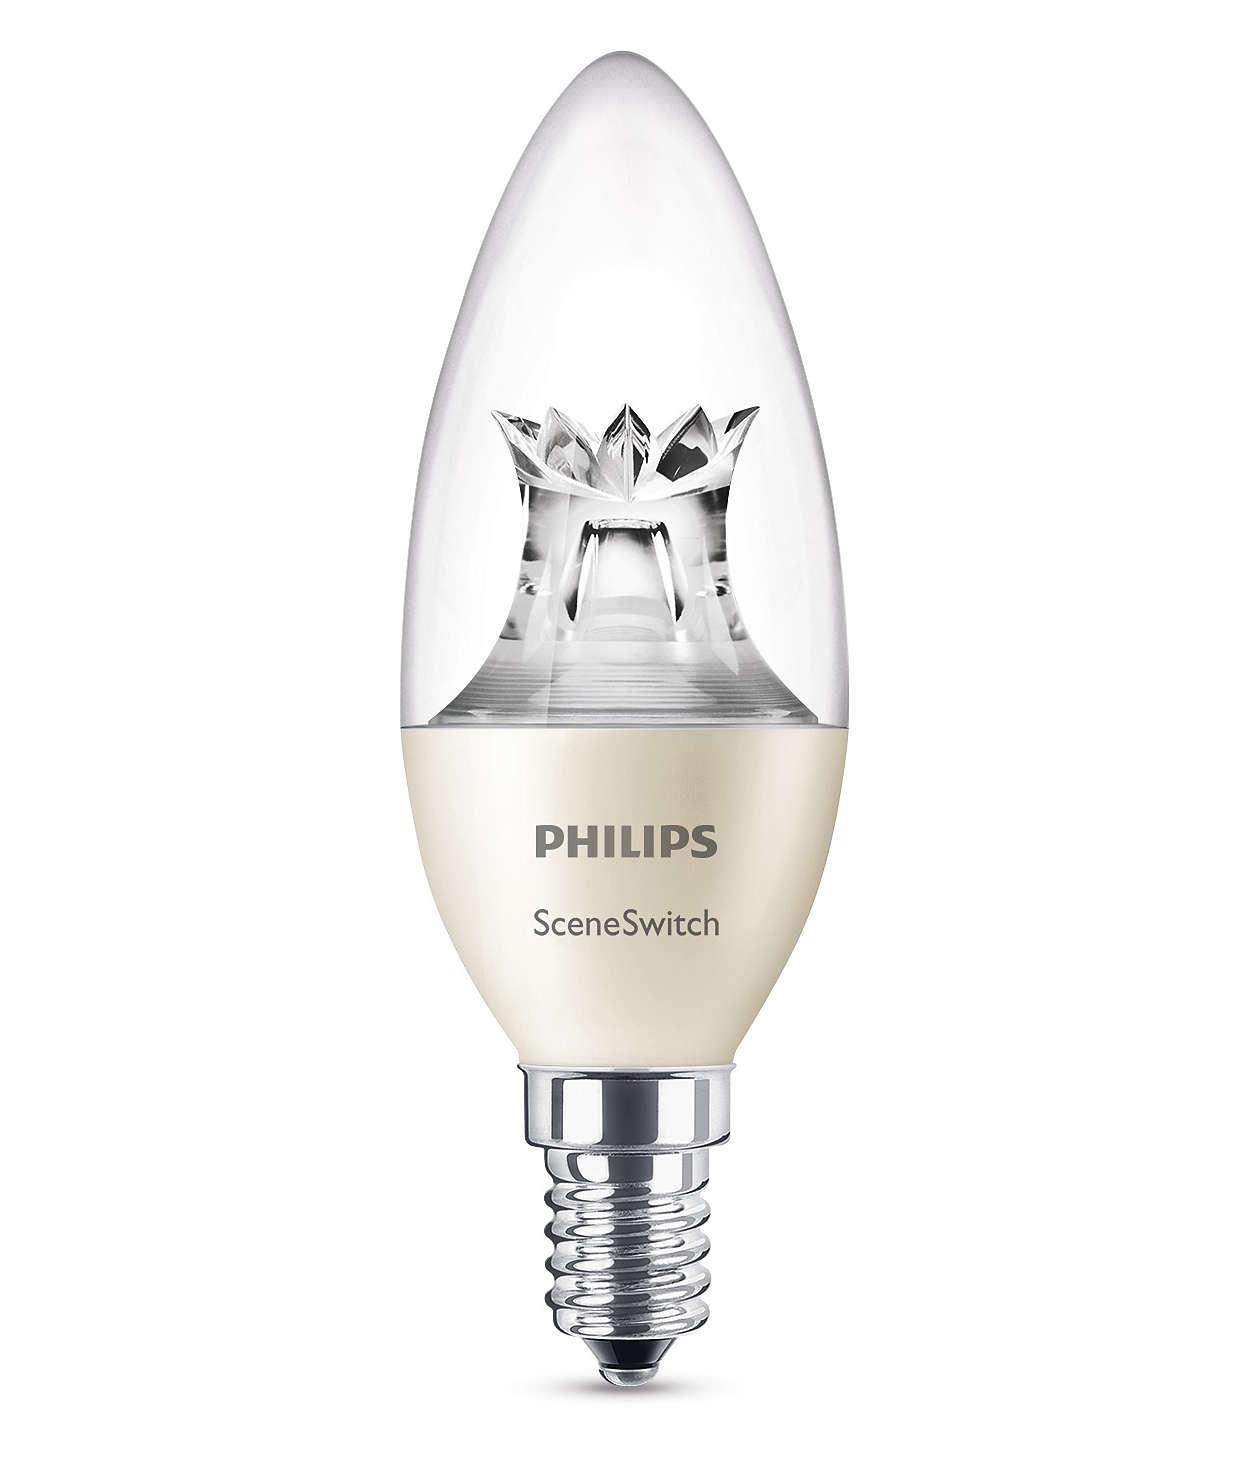 Jedna sviečková žiarovka, tri nastavenia osvetlenia